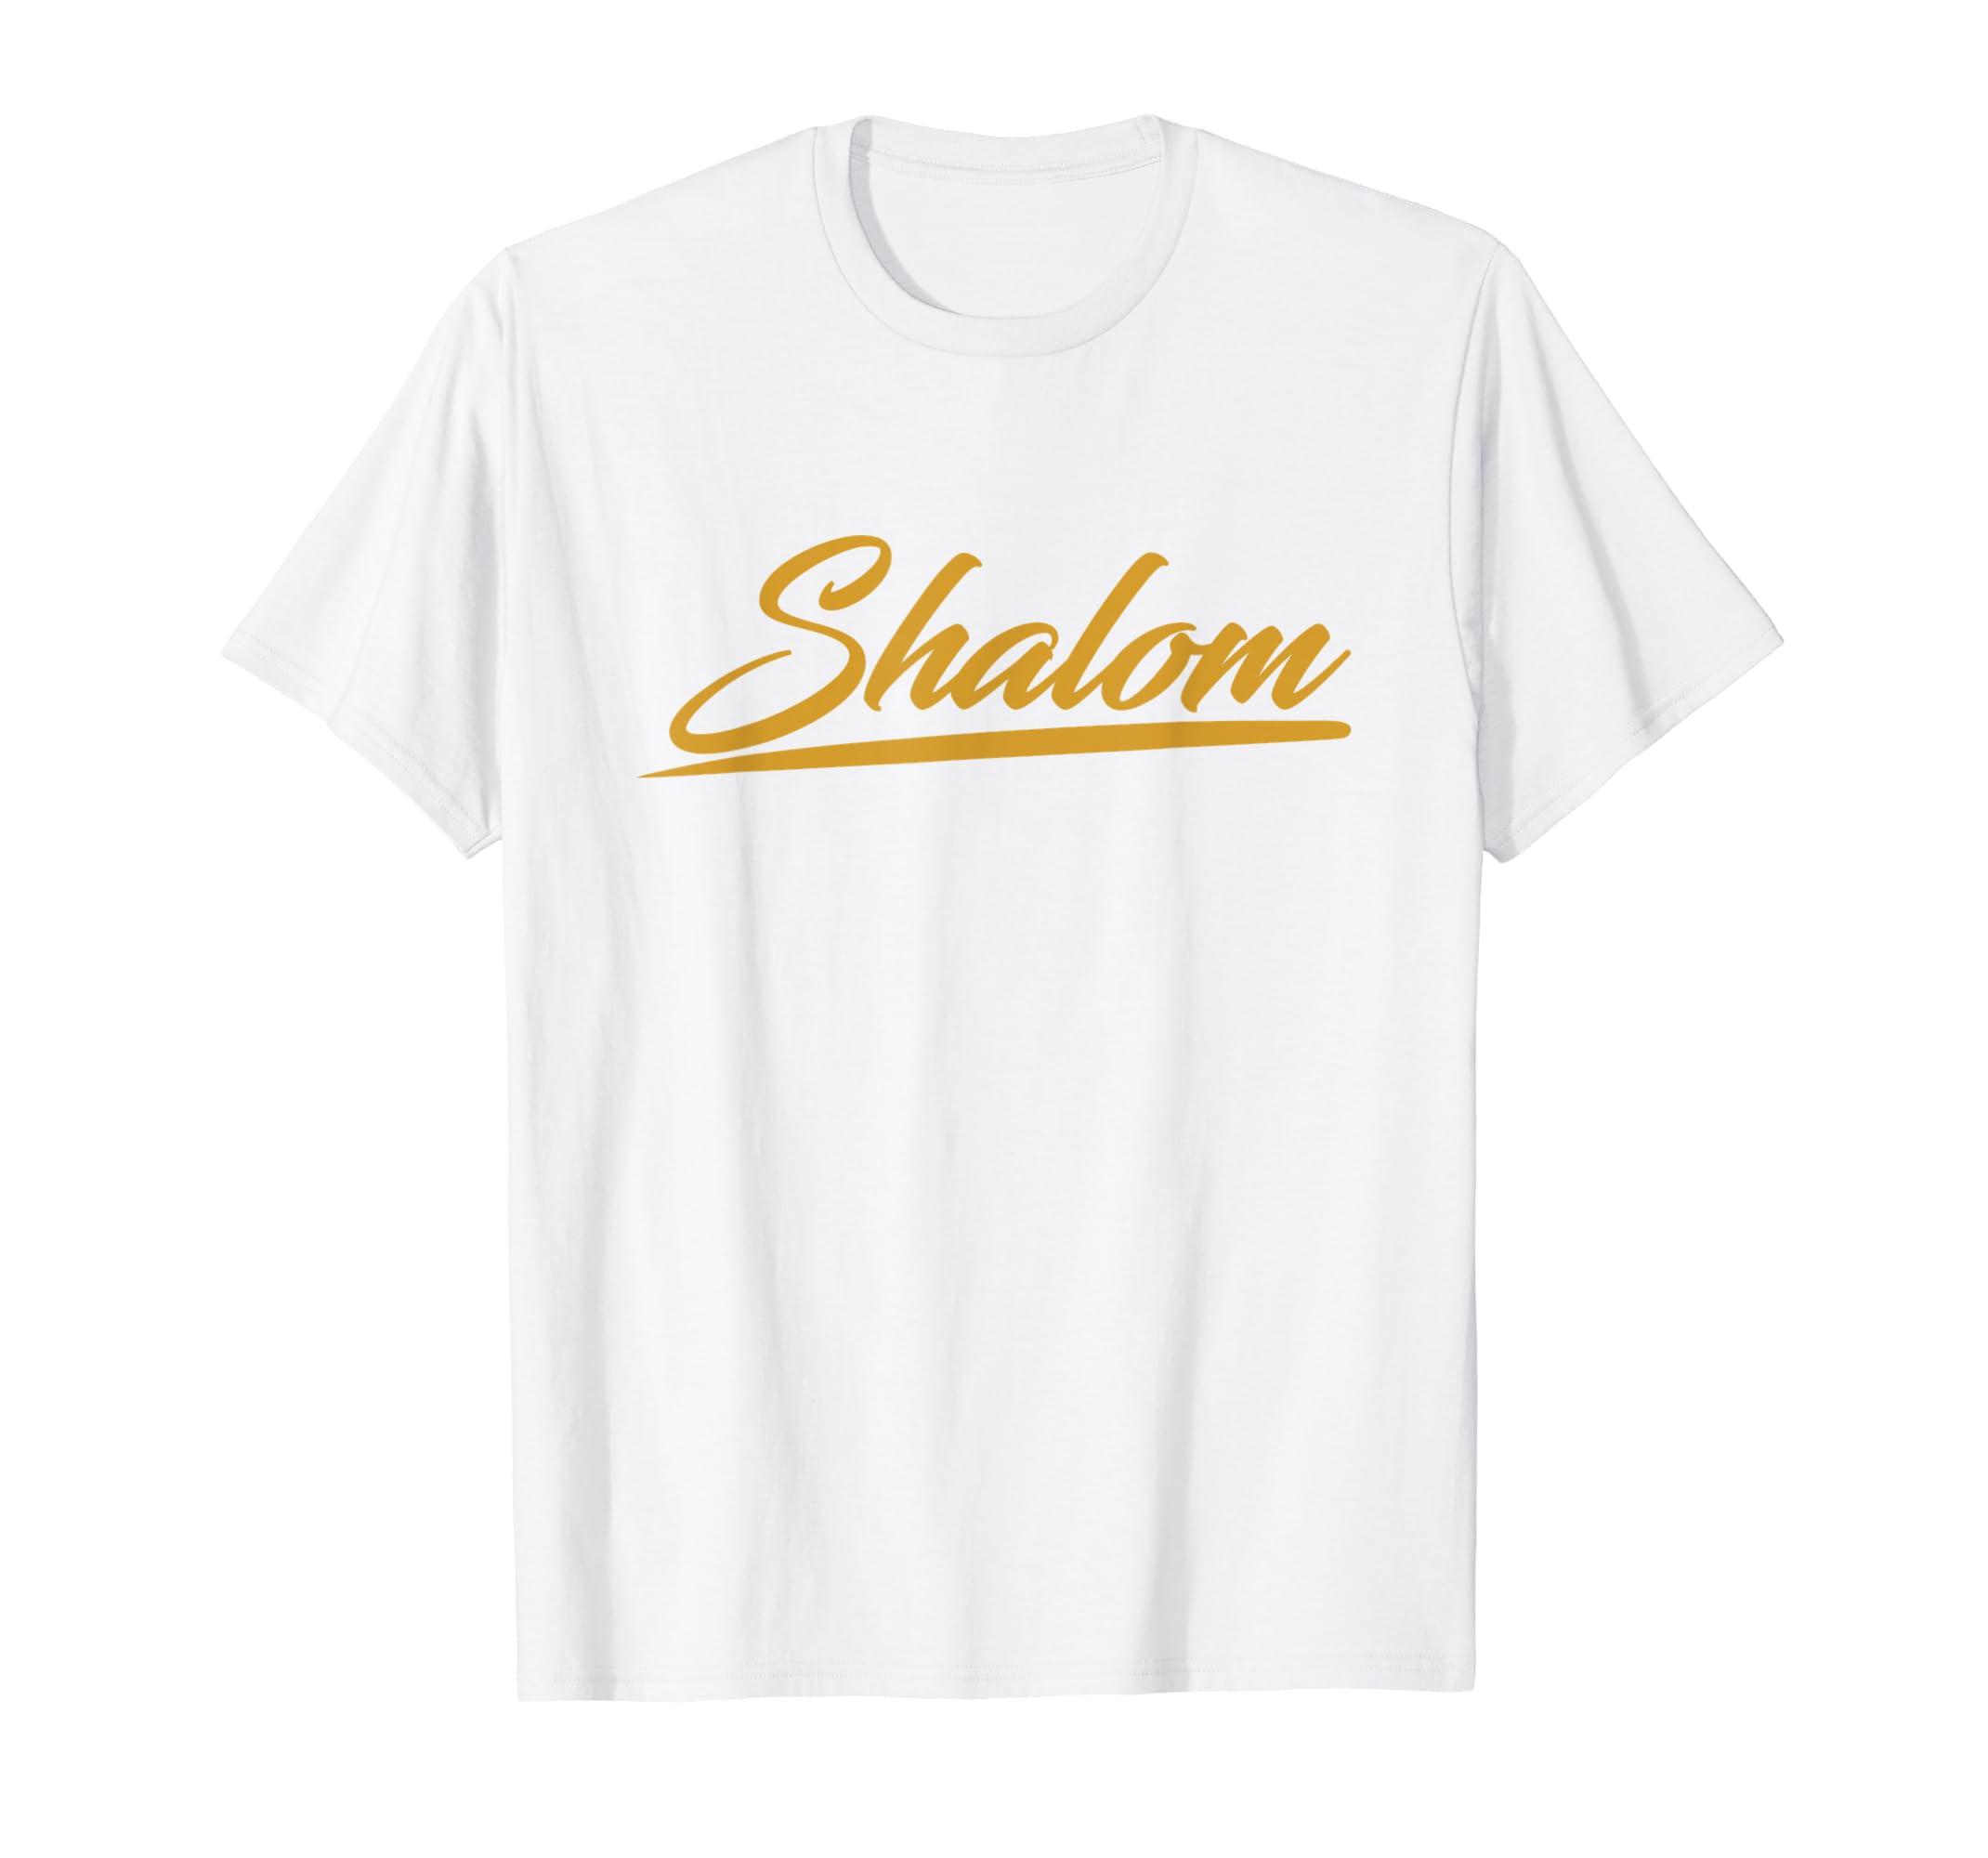 Gold Shalom T-shirt Hebrew Israelites Messianic Yahshua